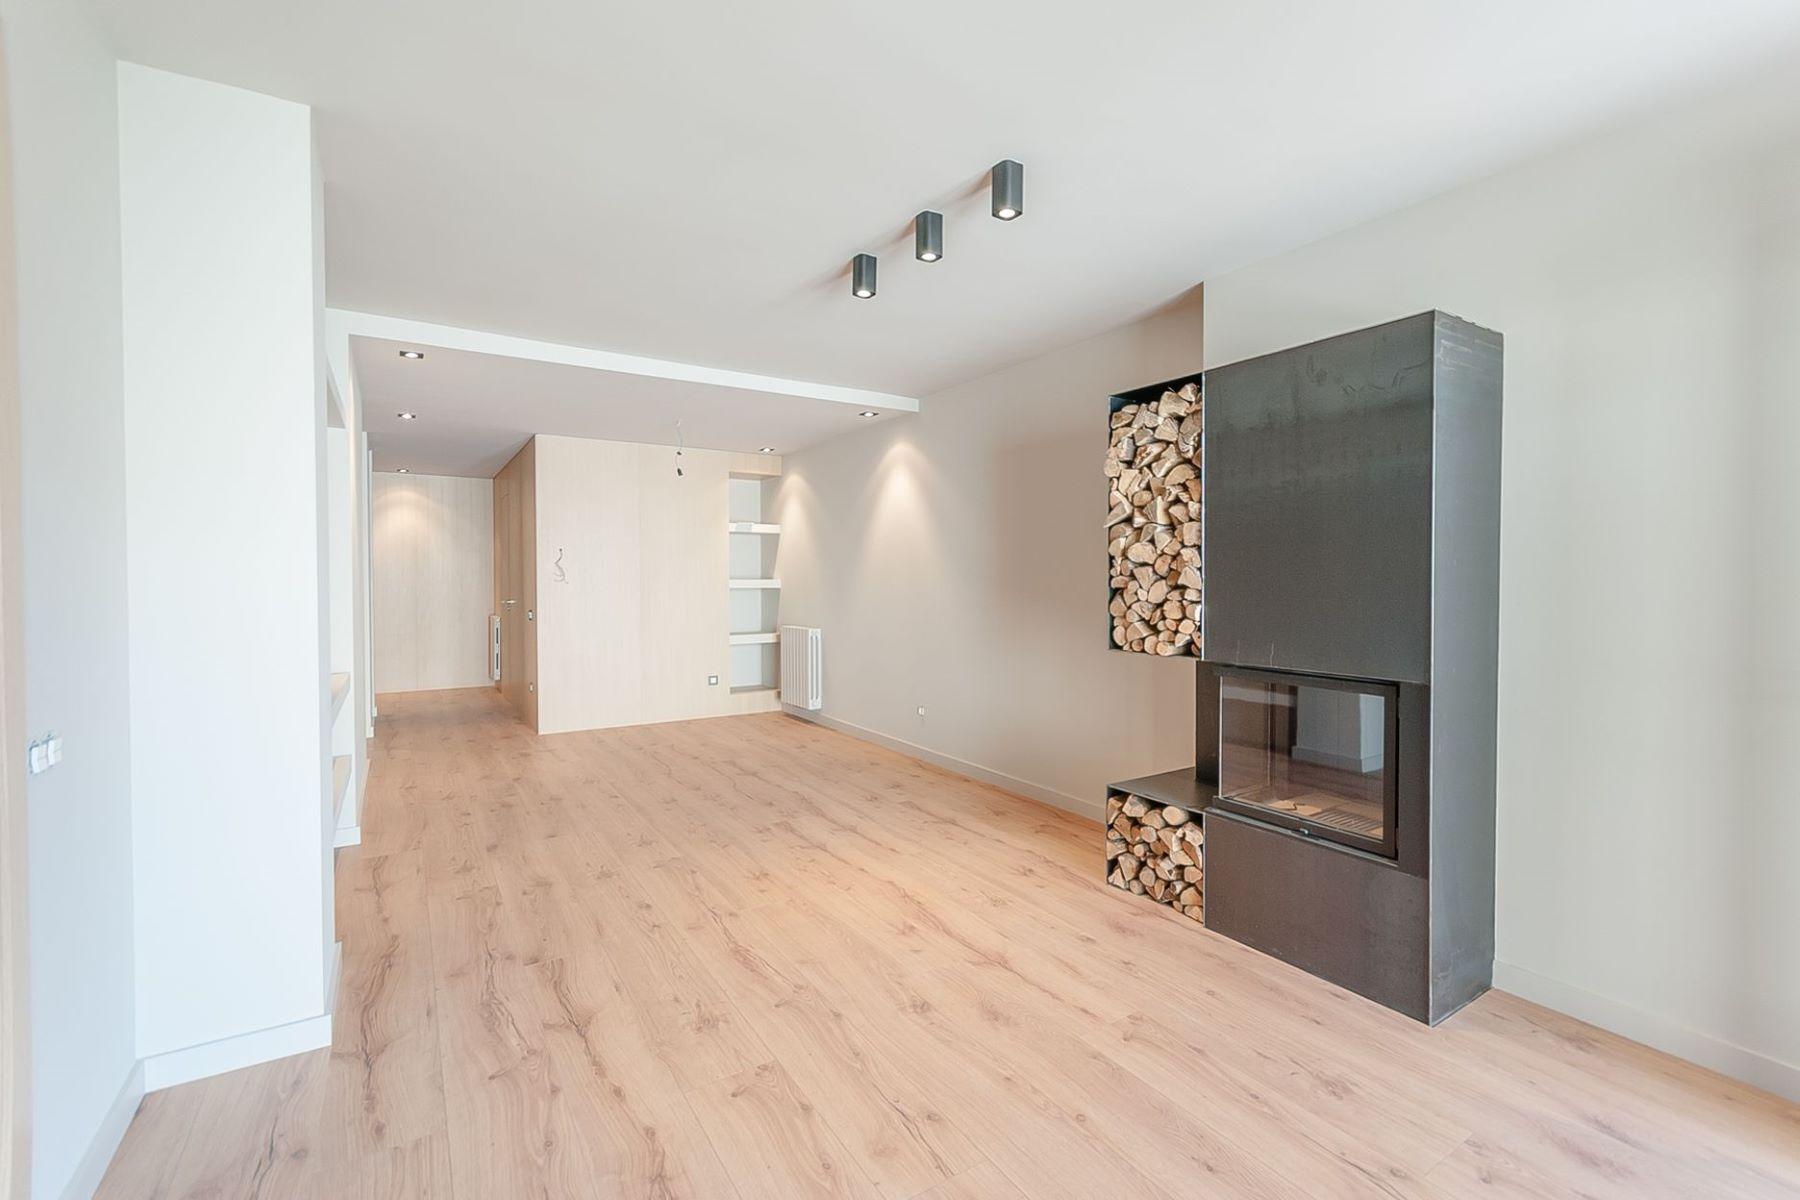 Apartamento por un Venta en Flat for sale in Andorra la Vella Andorra La Vella, Andorra La Vella, AD500 Andorra